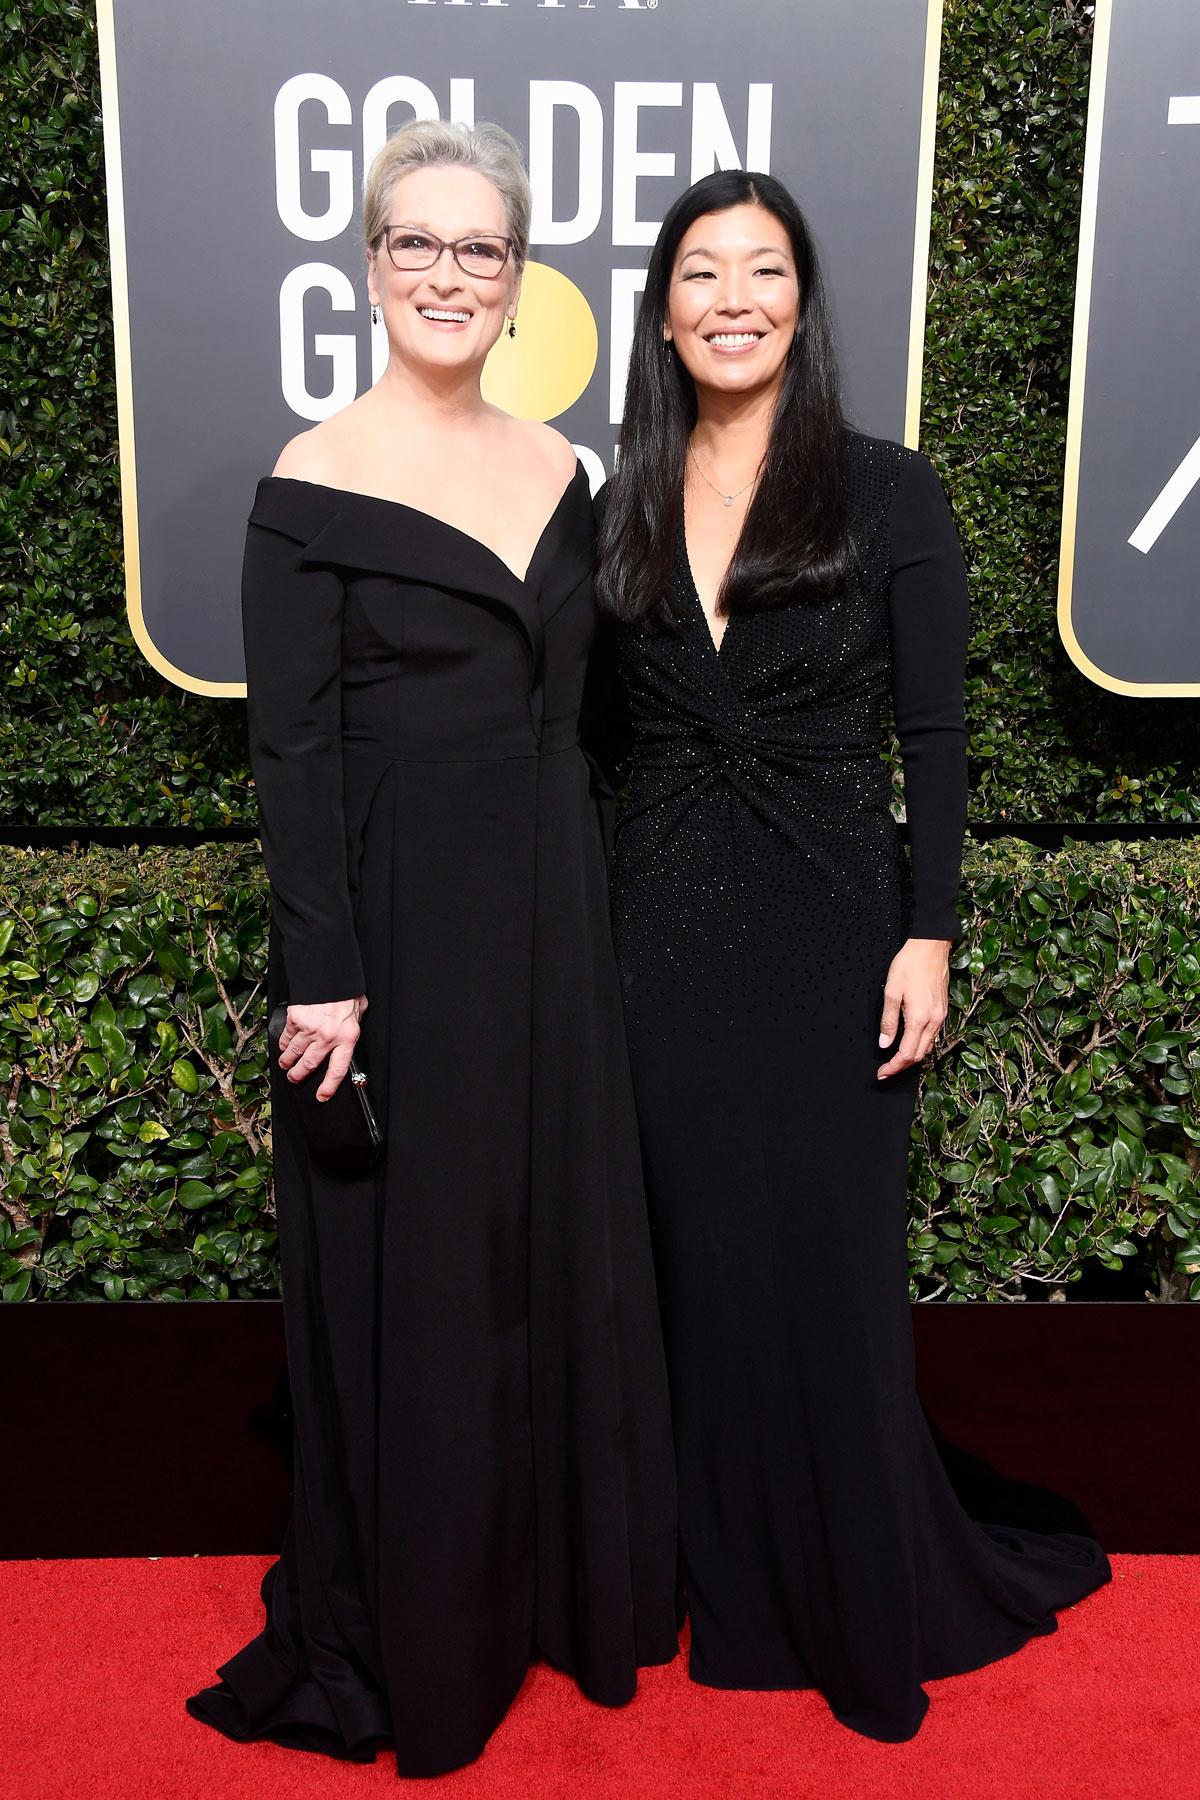 La subasta benéfica de los vestidos de Hollywood en favor de Time's Up - image globos_de_oro_2018_meryl_streep on https://www.vanidad.es